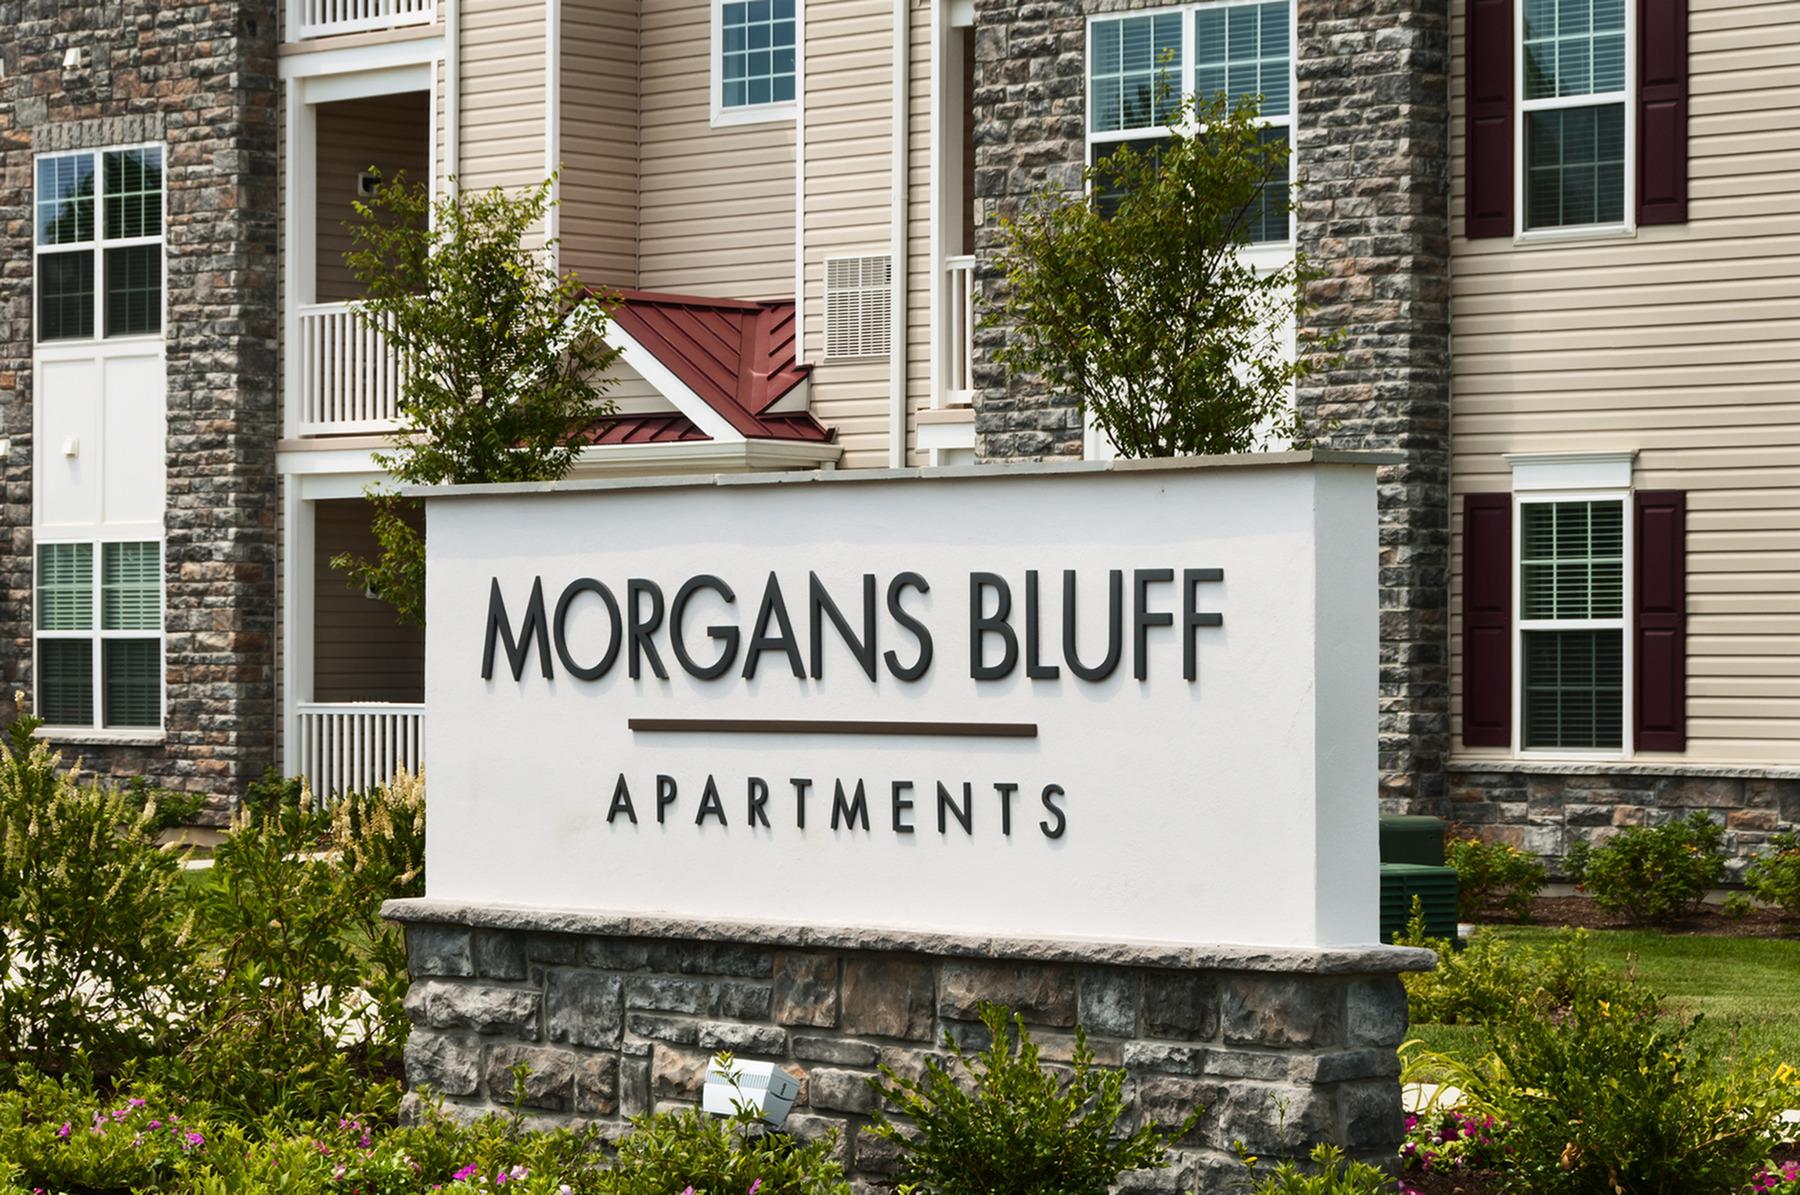 Morgan's Bluff